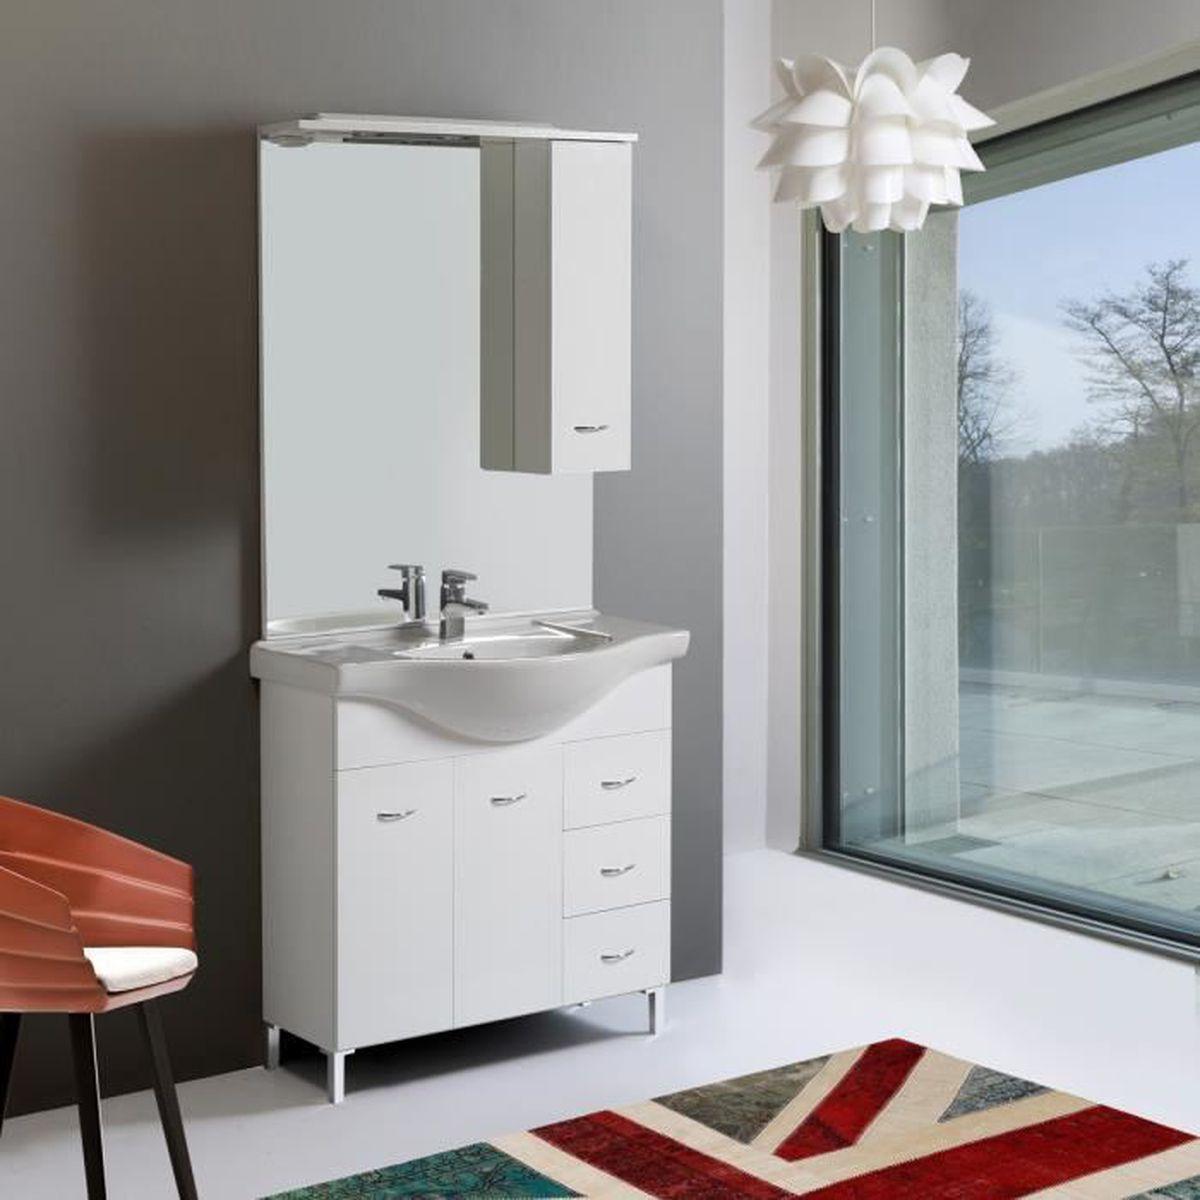 Modelle Salle De Bain salle de bain mobile de 85 cm modÈle perla - achat / vente